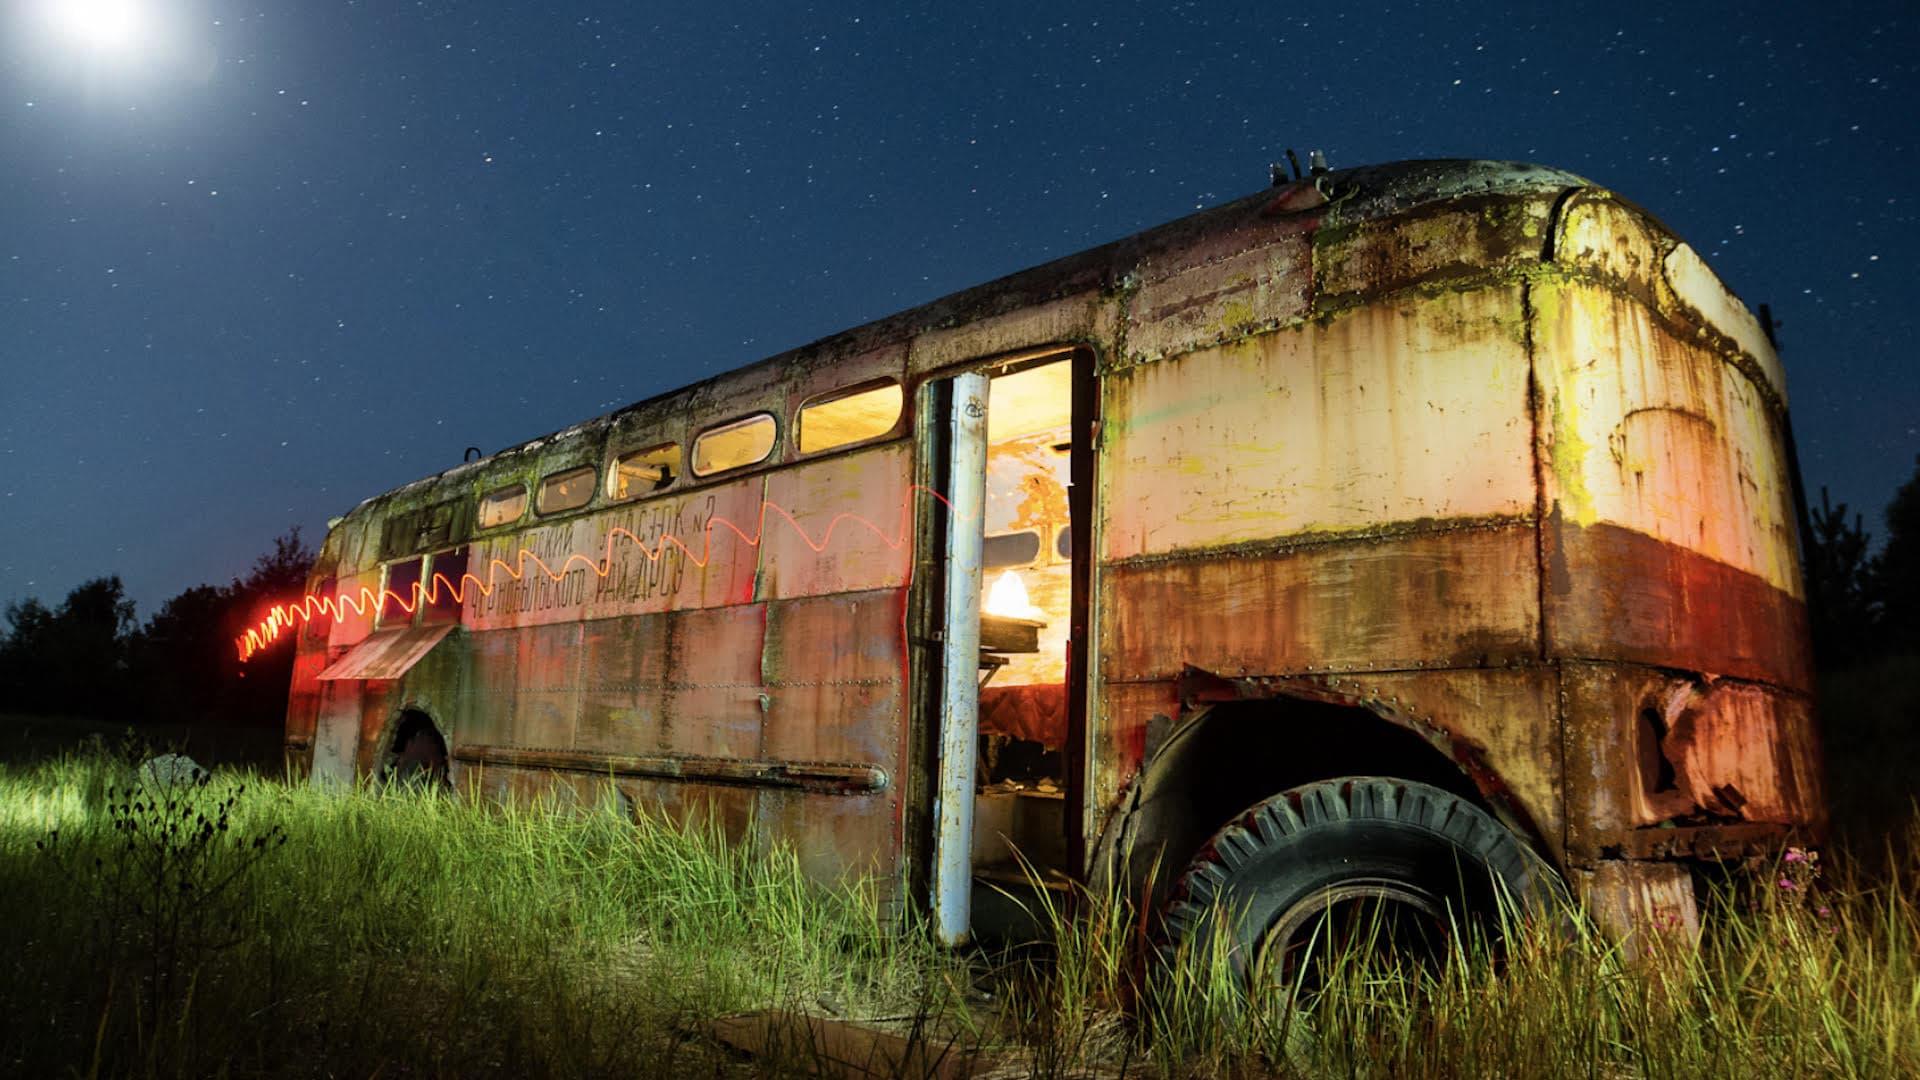 stalking-chernobyl2-film@2x